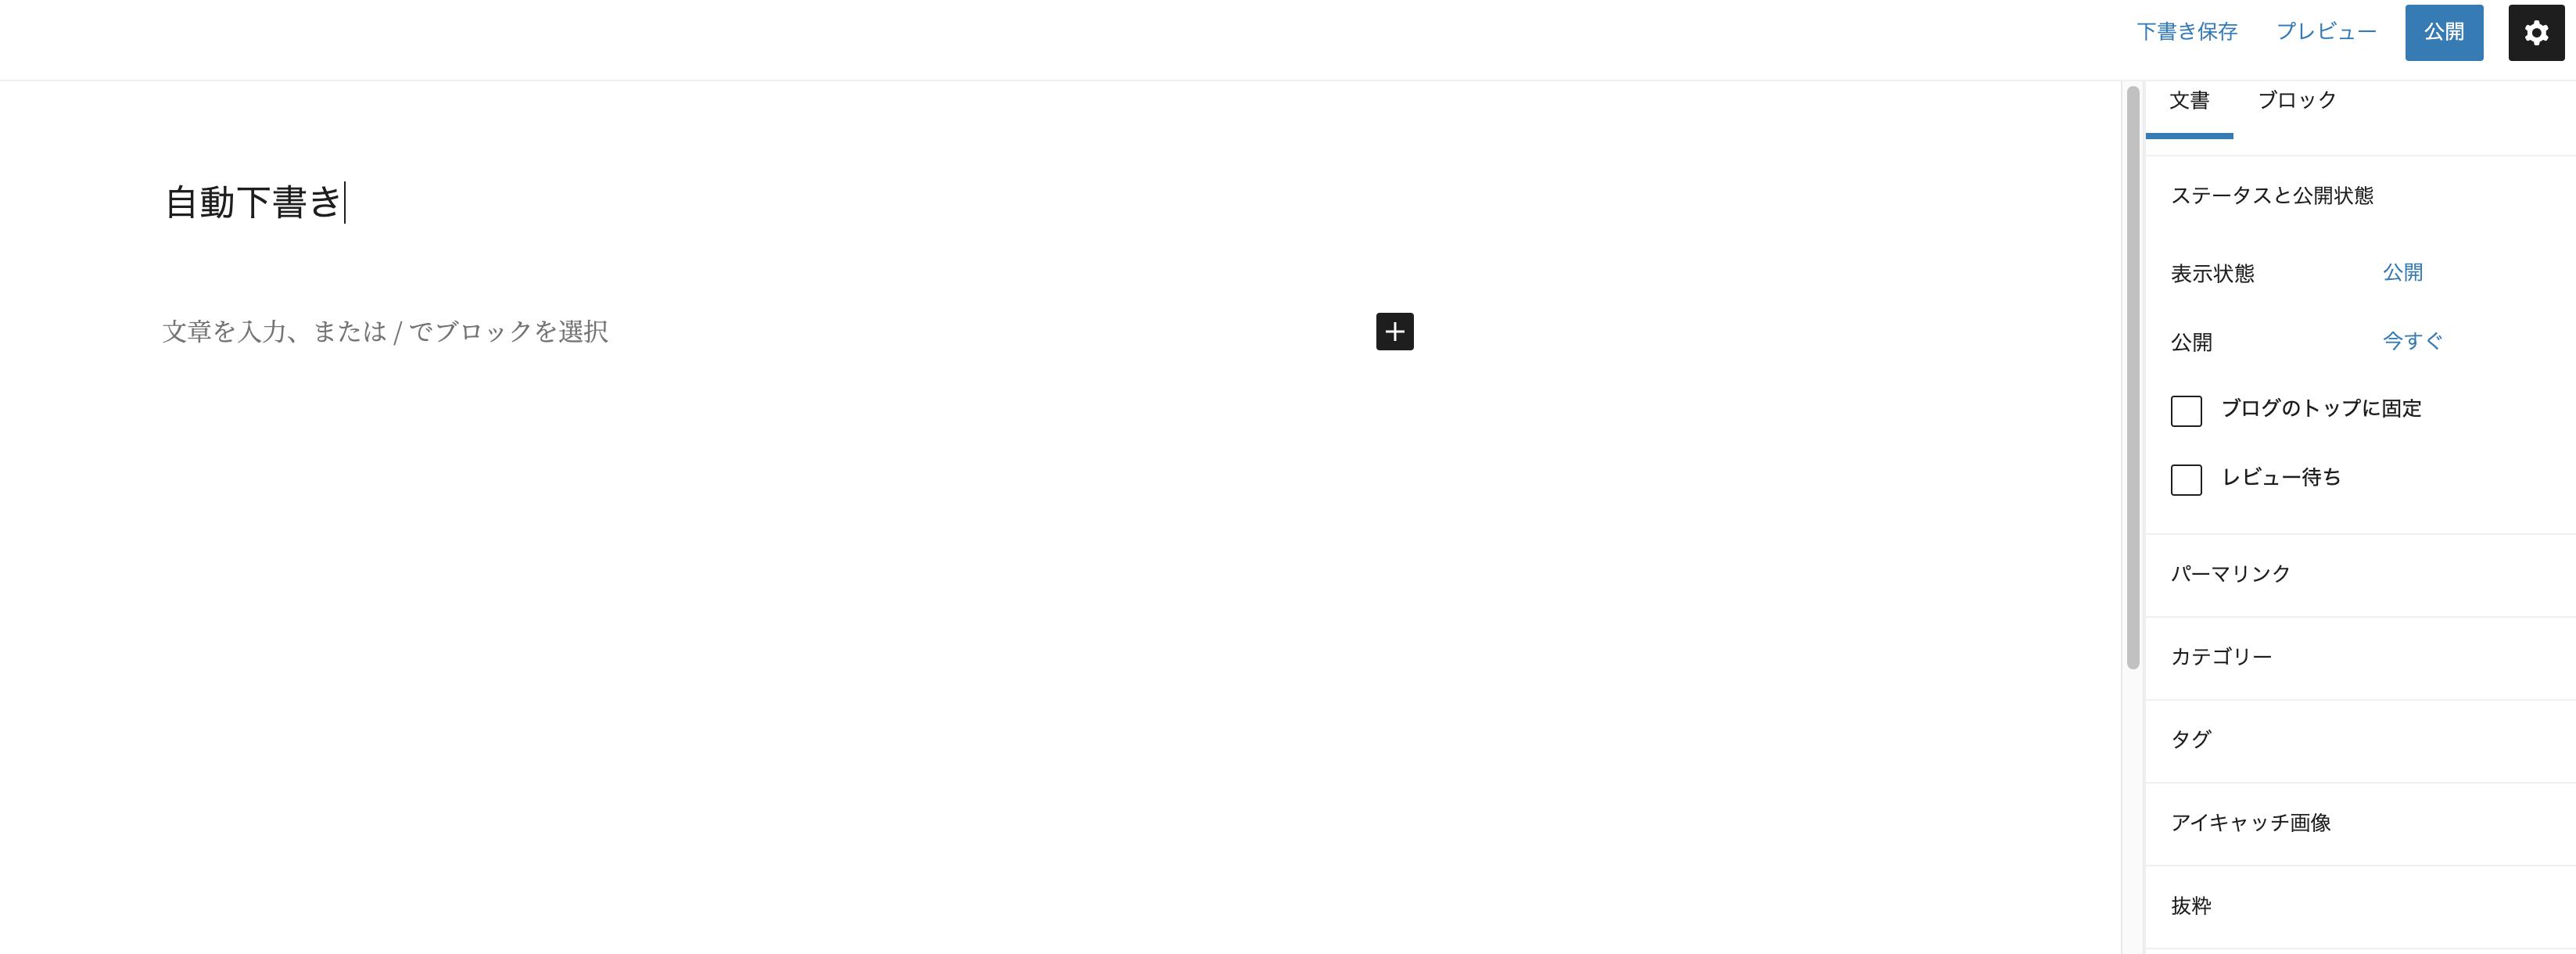 スクリーンショット 2021 07 24 21.36.06 - 【WordPress】Classic Editorは2022年以降もサポート終了はしない【旧エディターに戻して編集する方法】